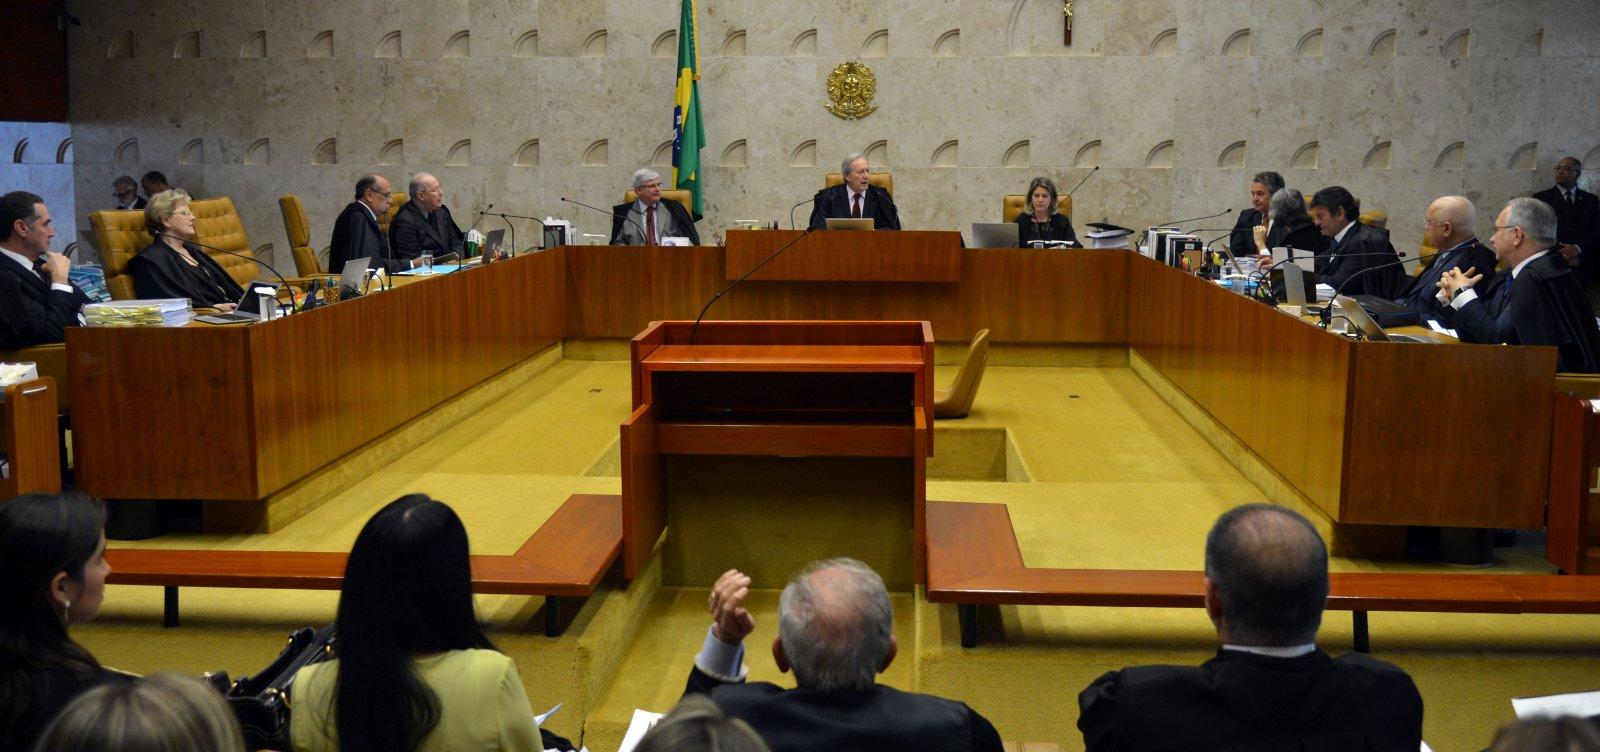 [Ministros do STF indicam cautela a juízes em diálogo com defesa e acusação]